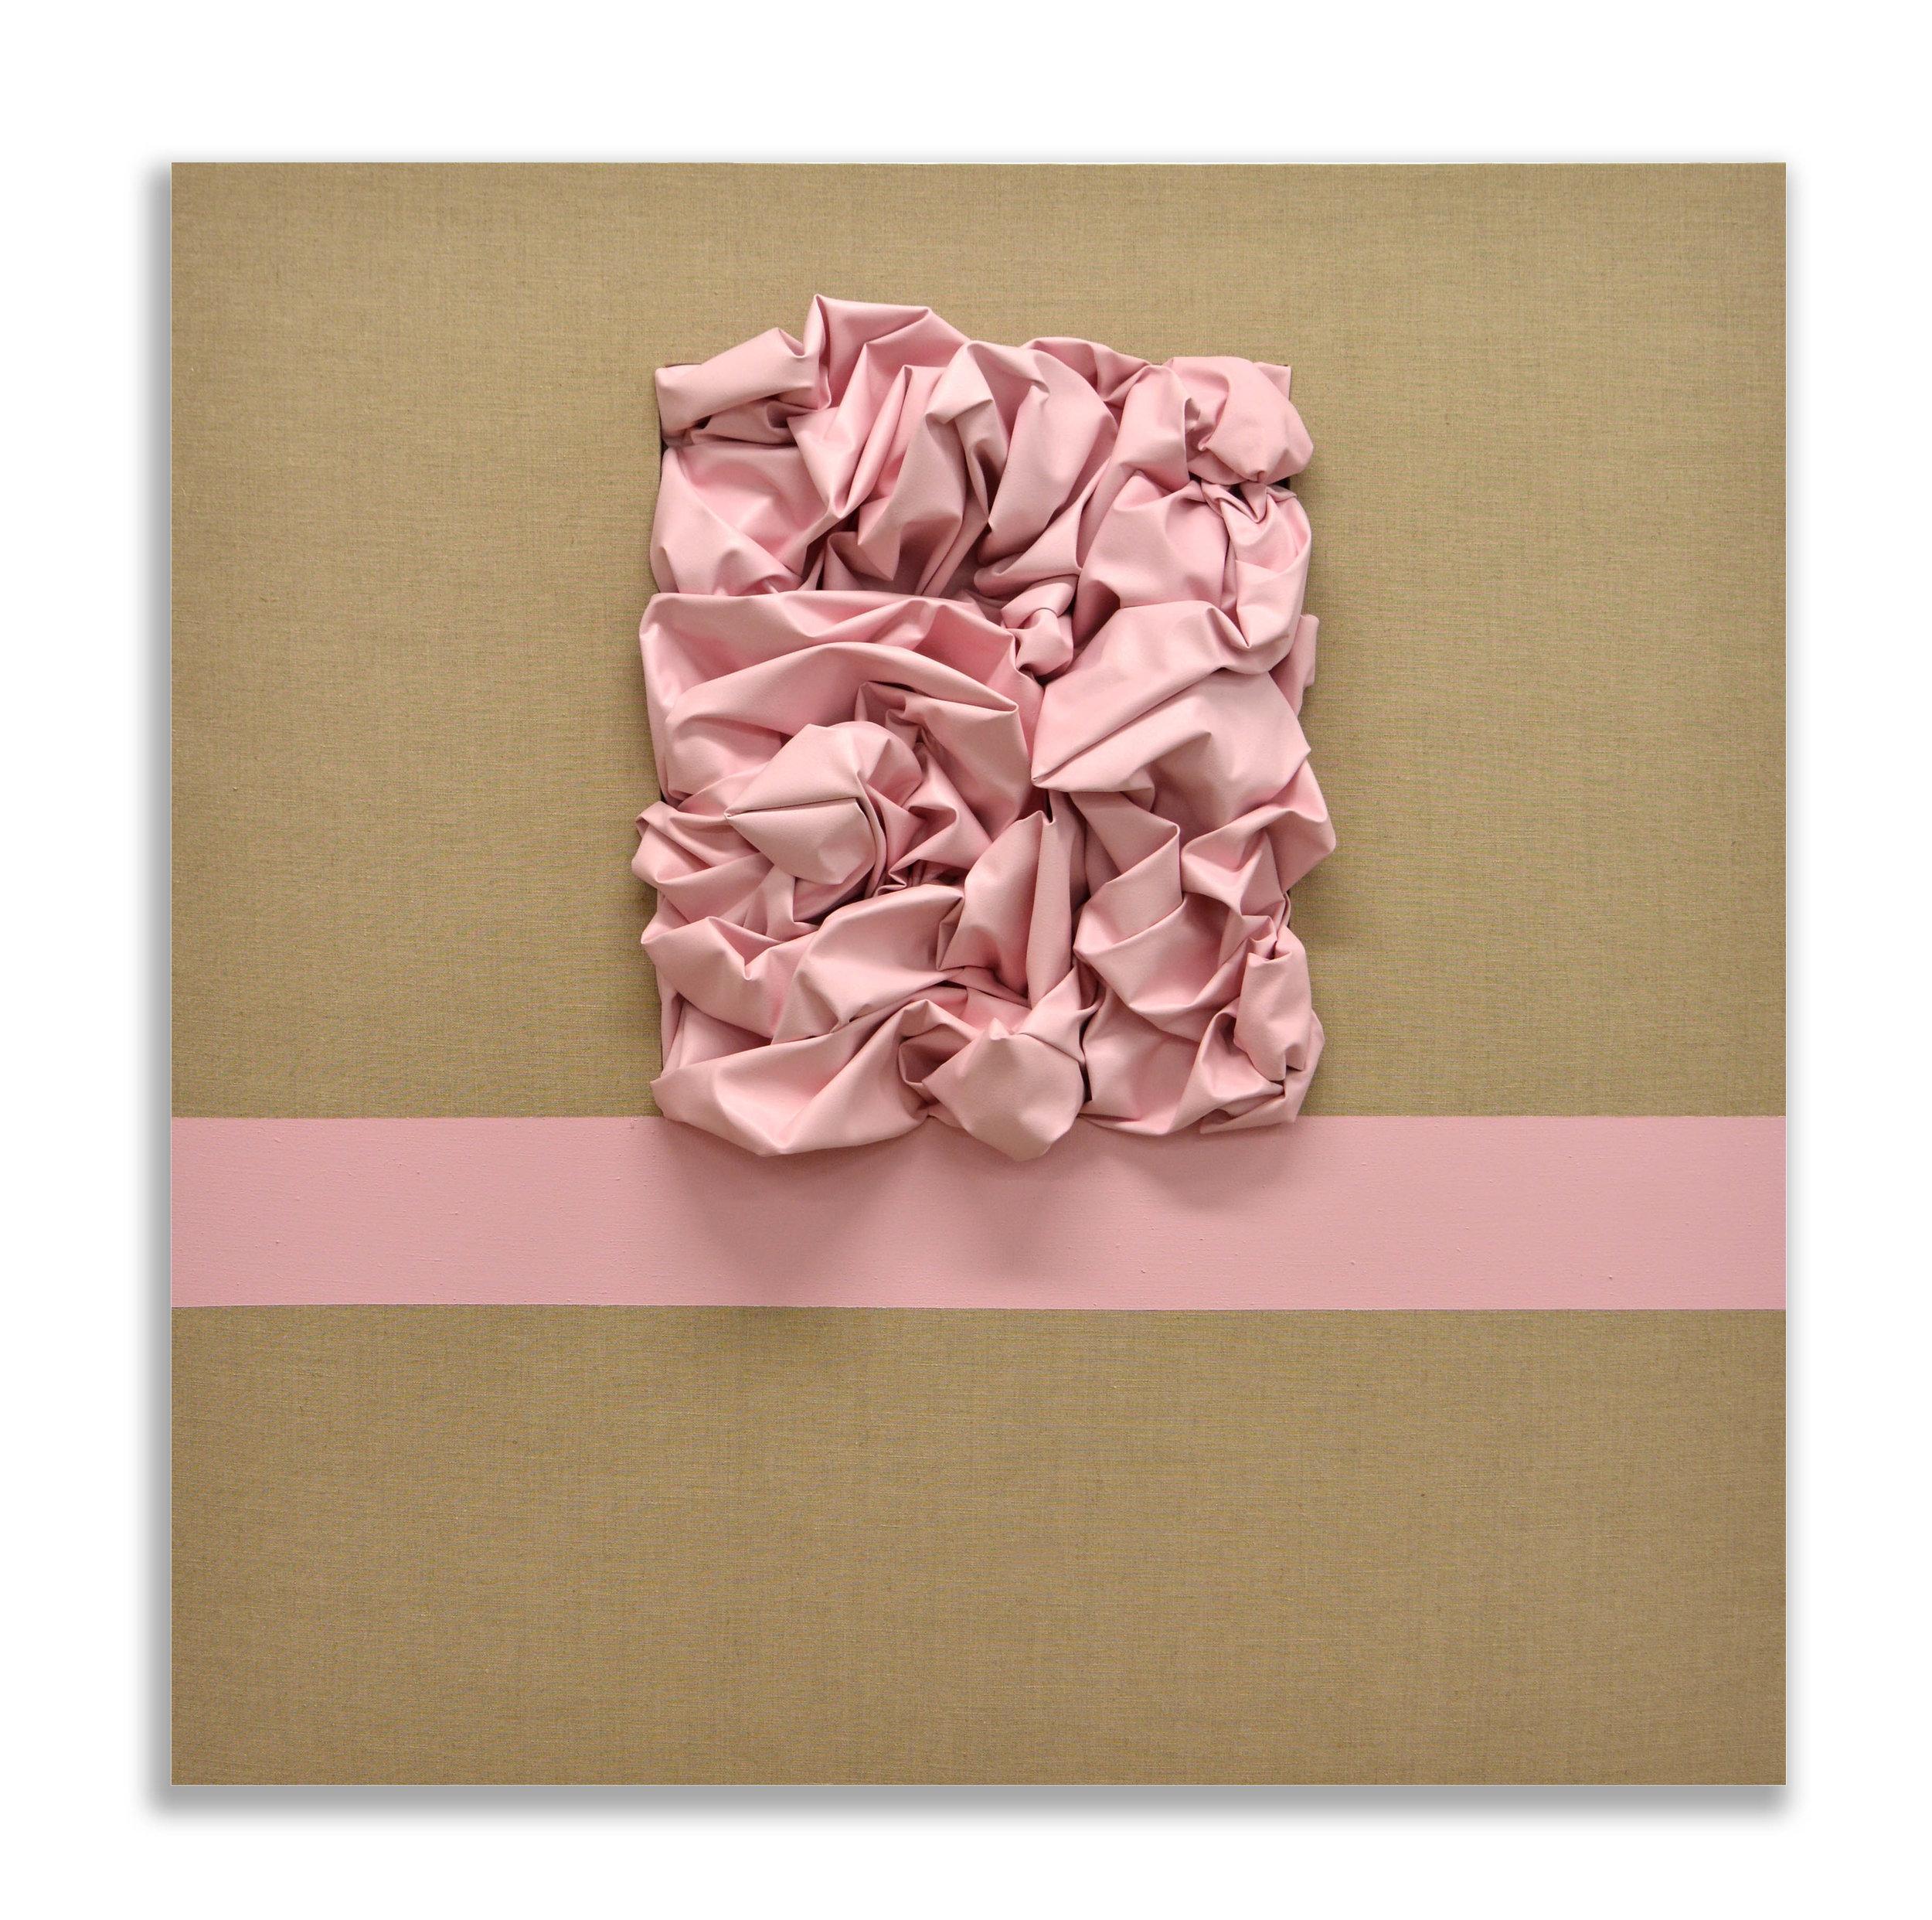 The Resurrection  - 2018  Pigmento acrilico su tela di lino grezza  130 x 130 cm